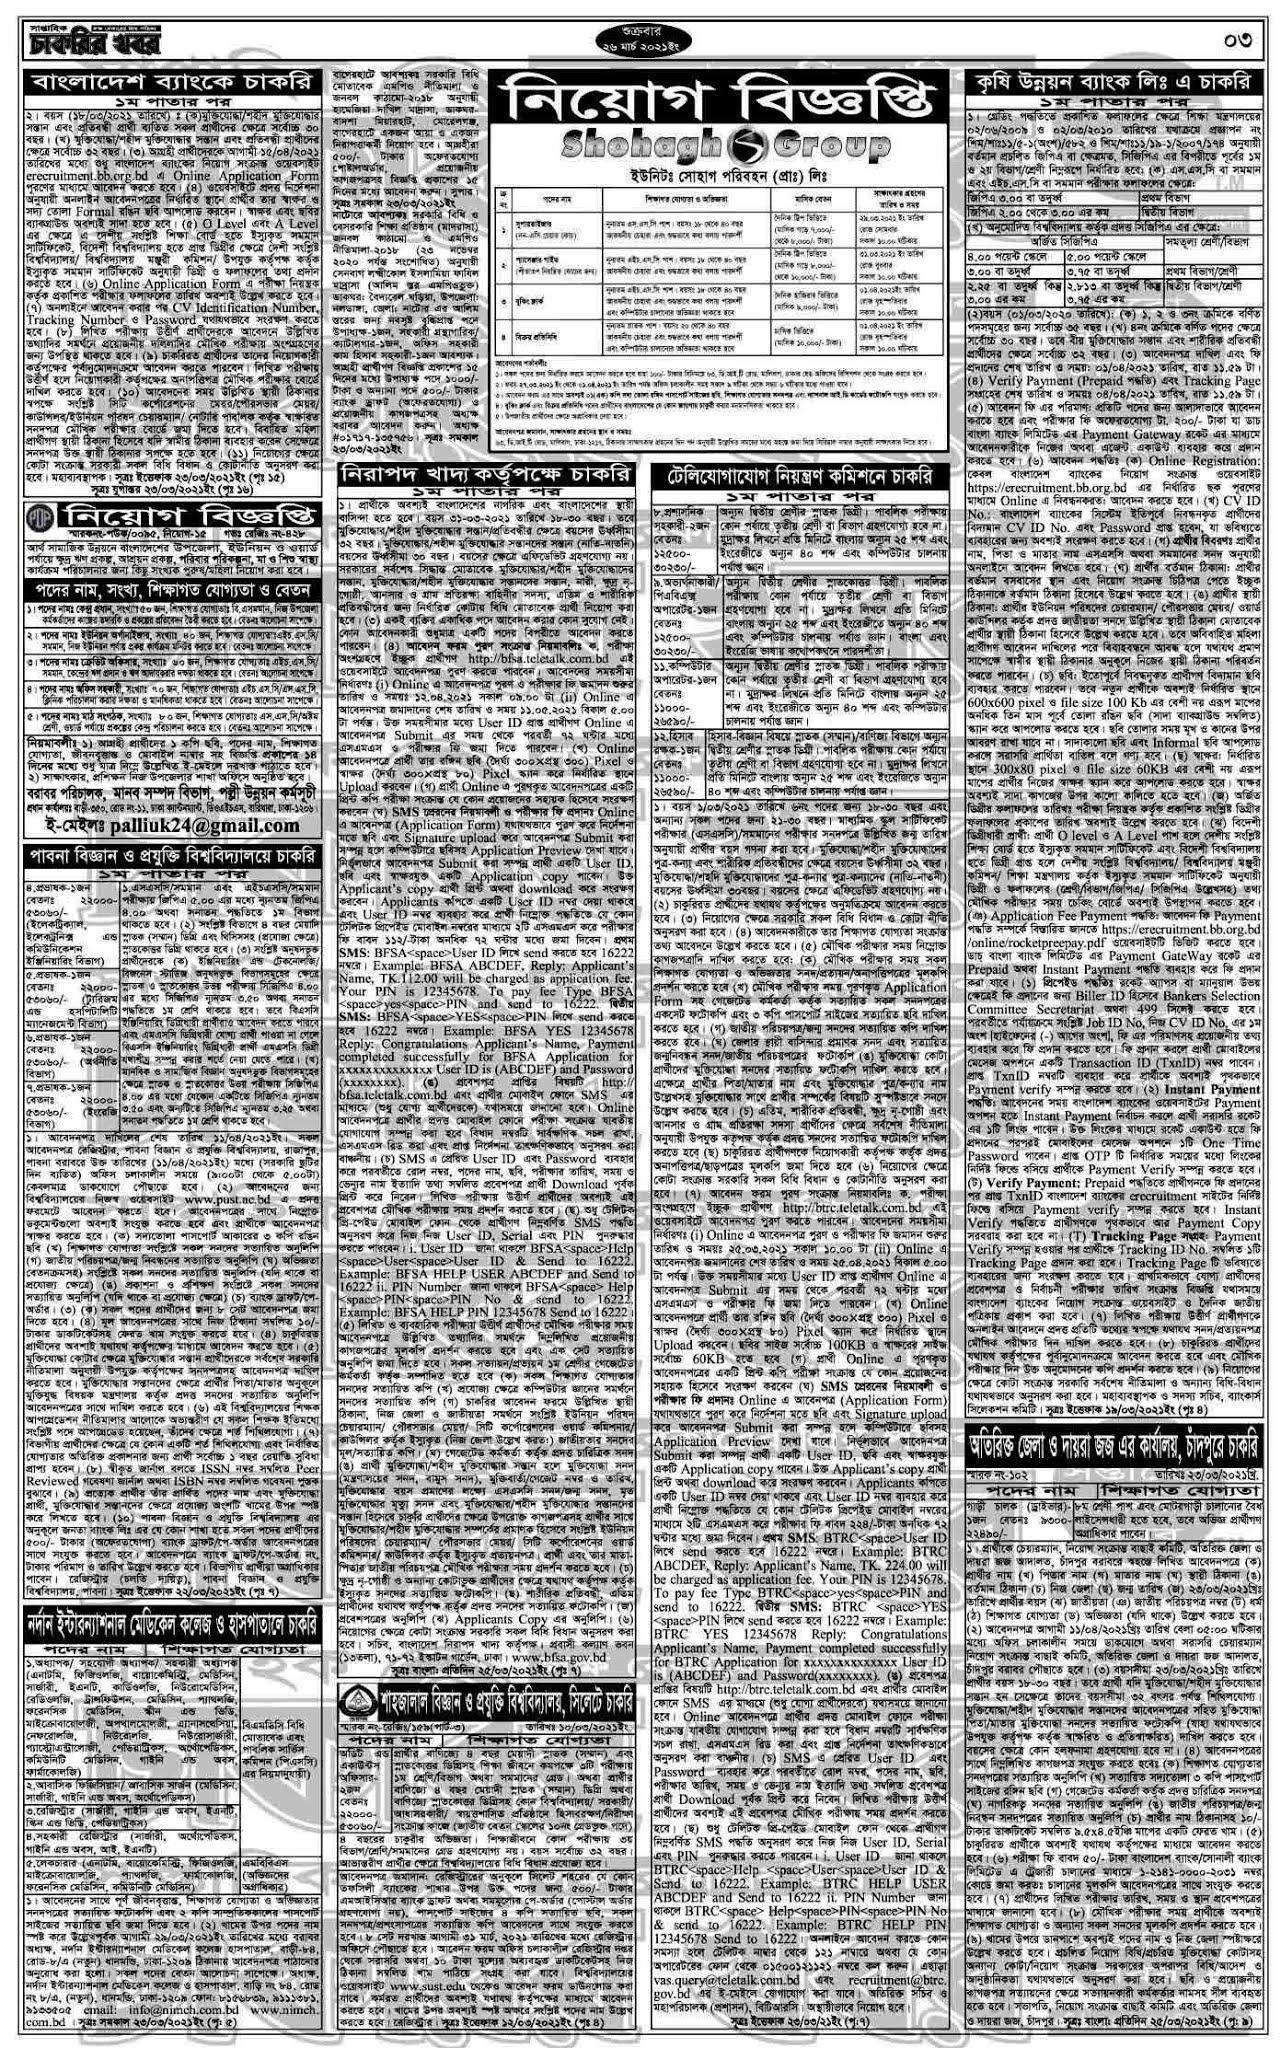 সাপ্তাহিক চাকরির খবর ২৬ মার্চ ২০২১ এর তৃতীয় পৃষ্ঠা